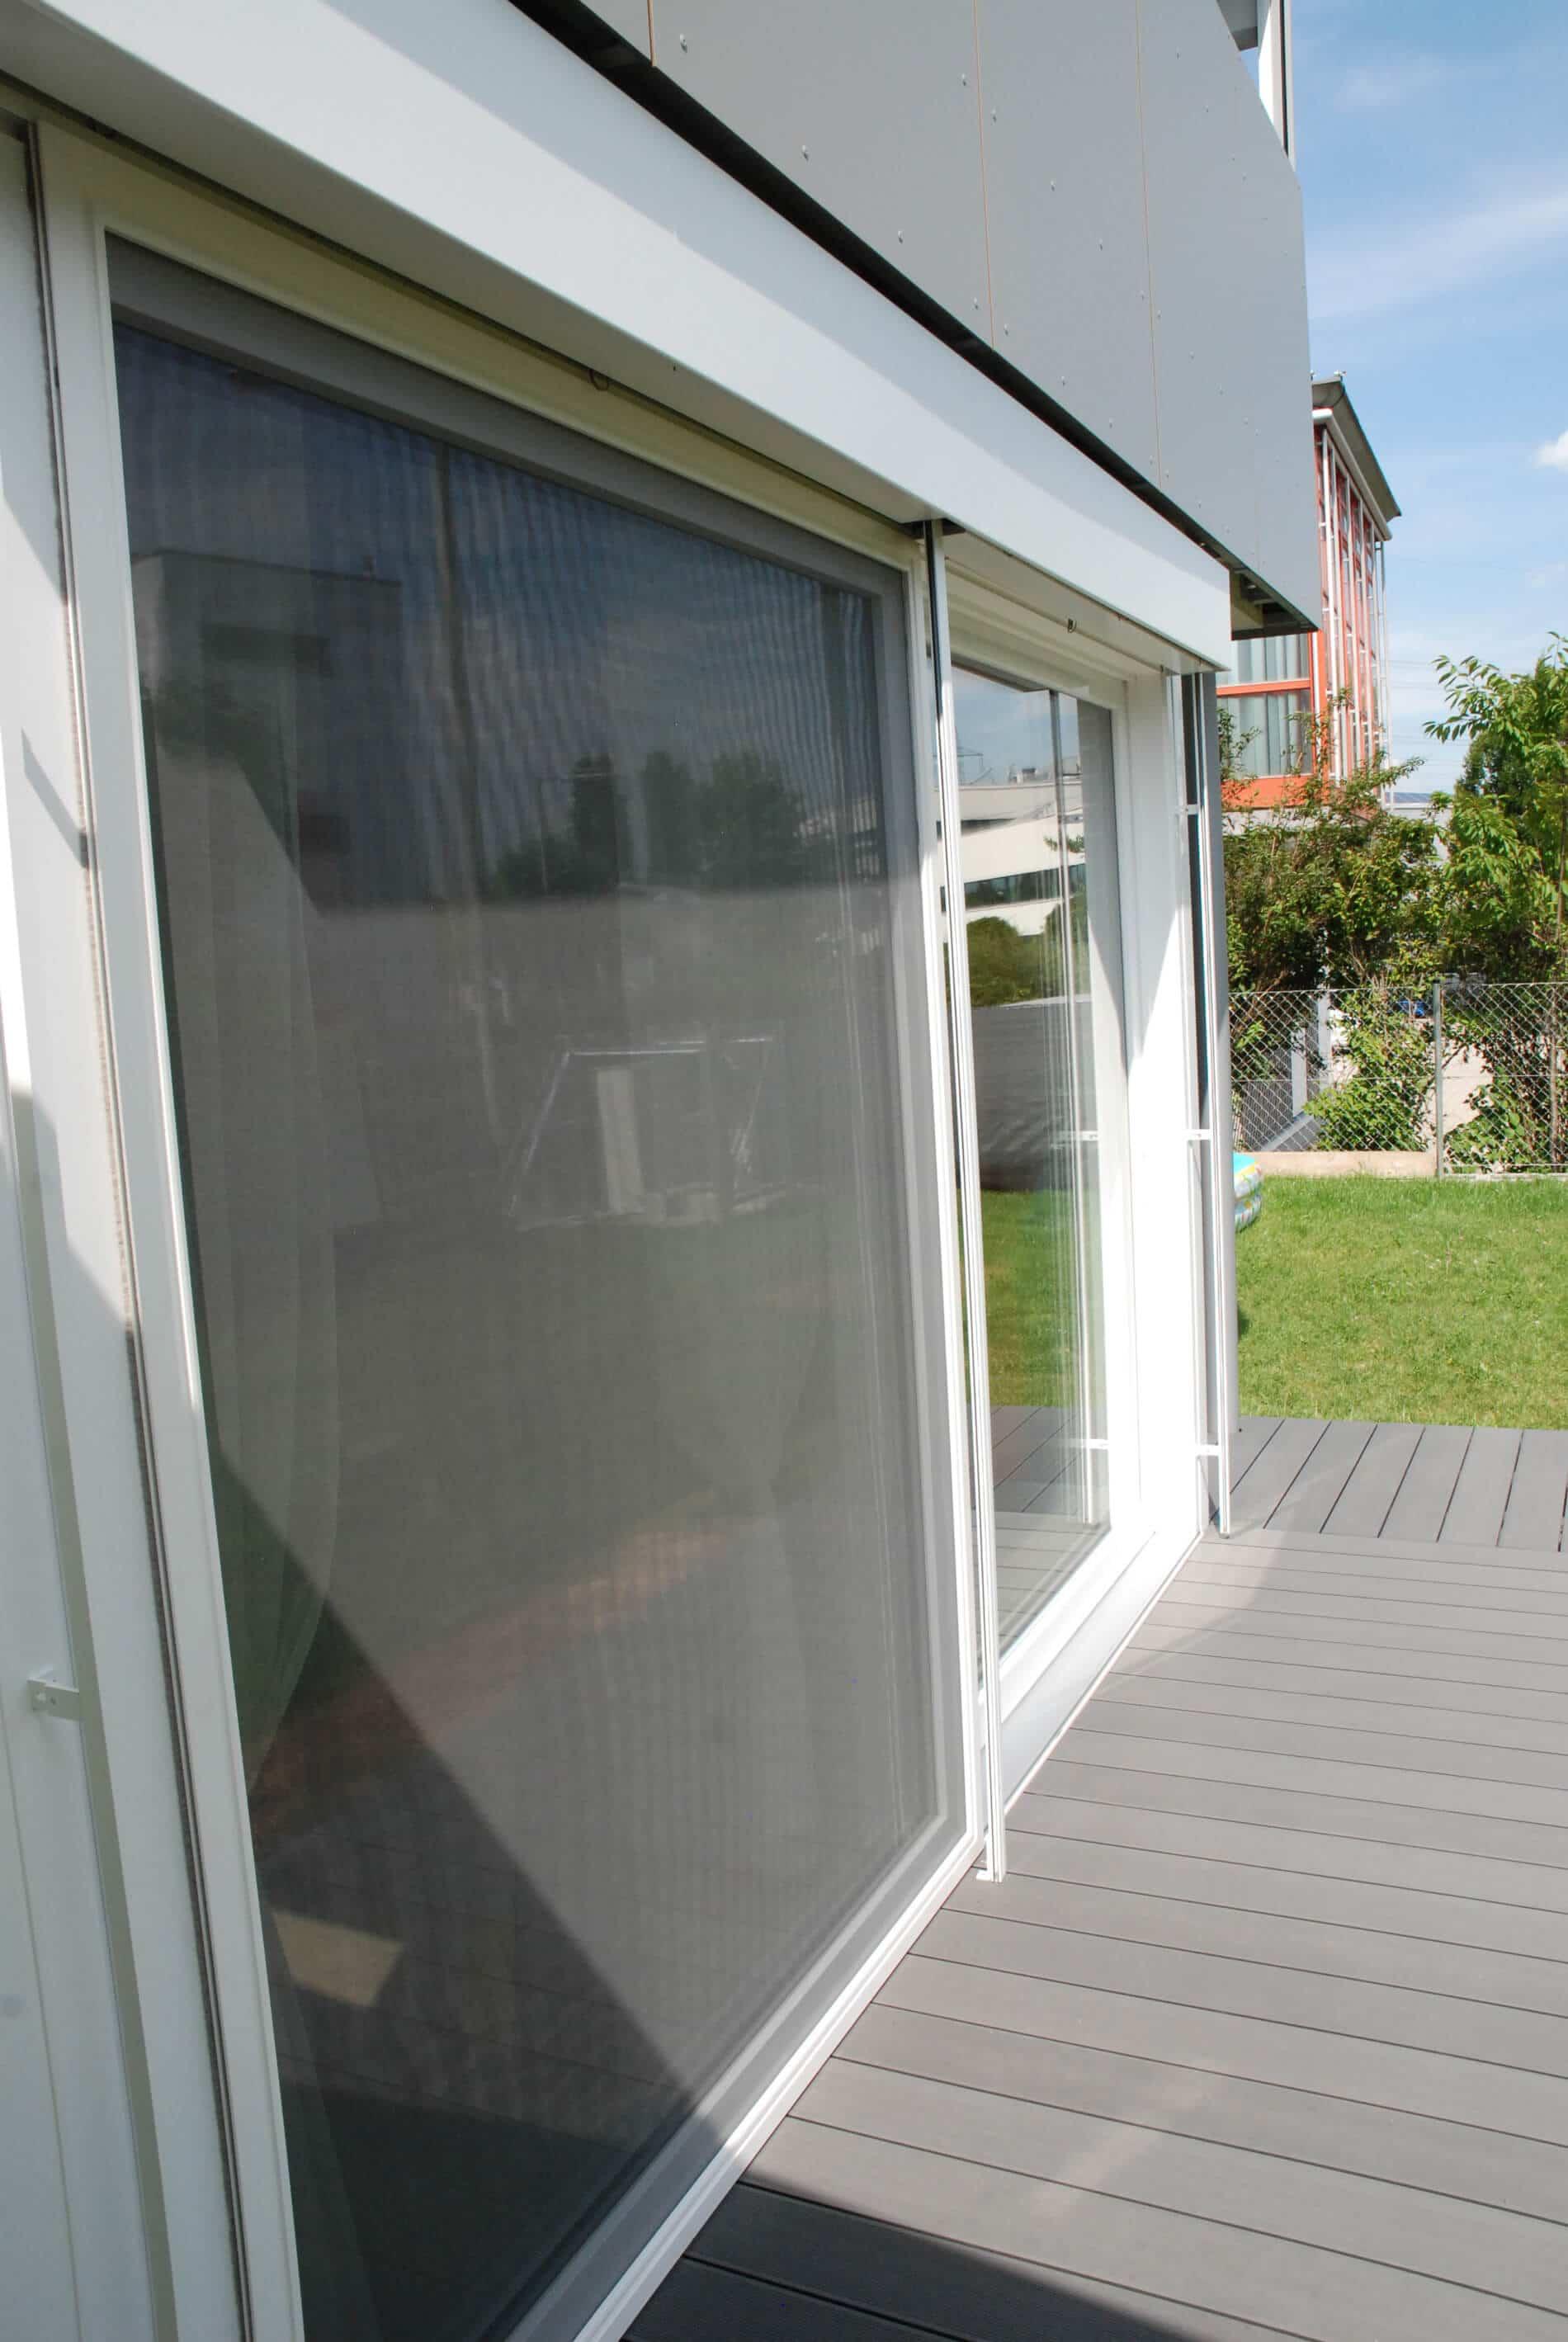 Terrassenverbau Kunststoff mit Fliegengitter Schieberahmen